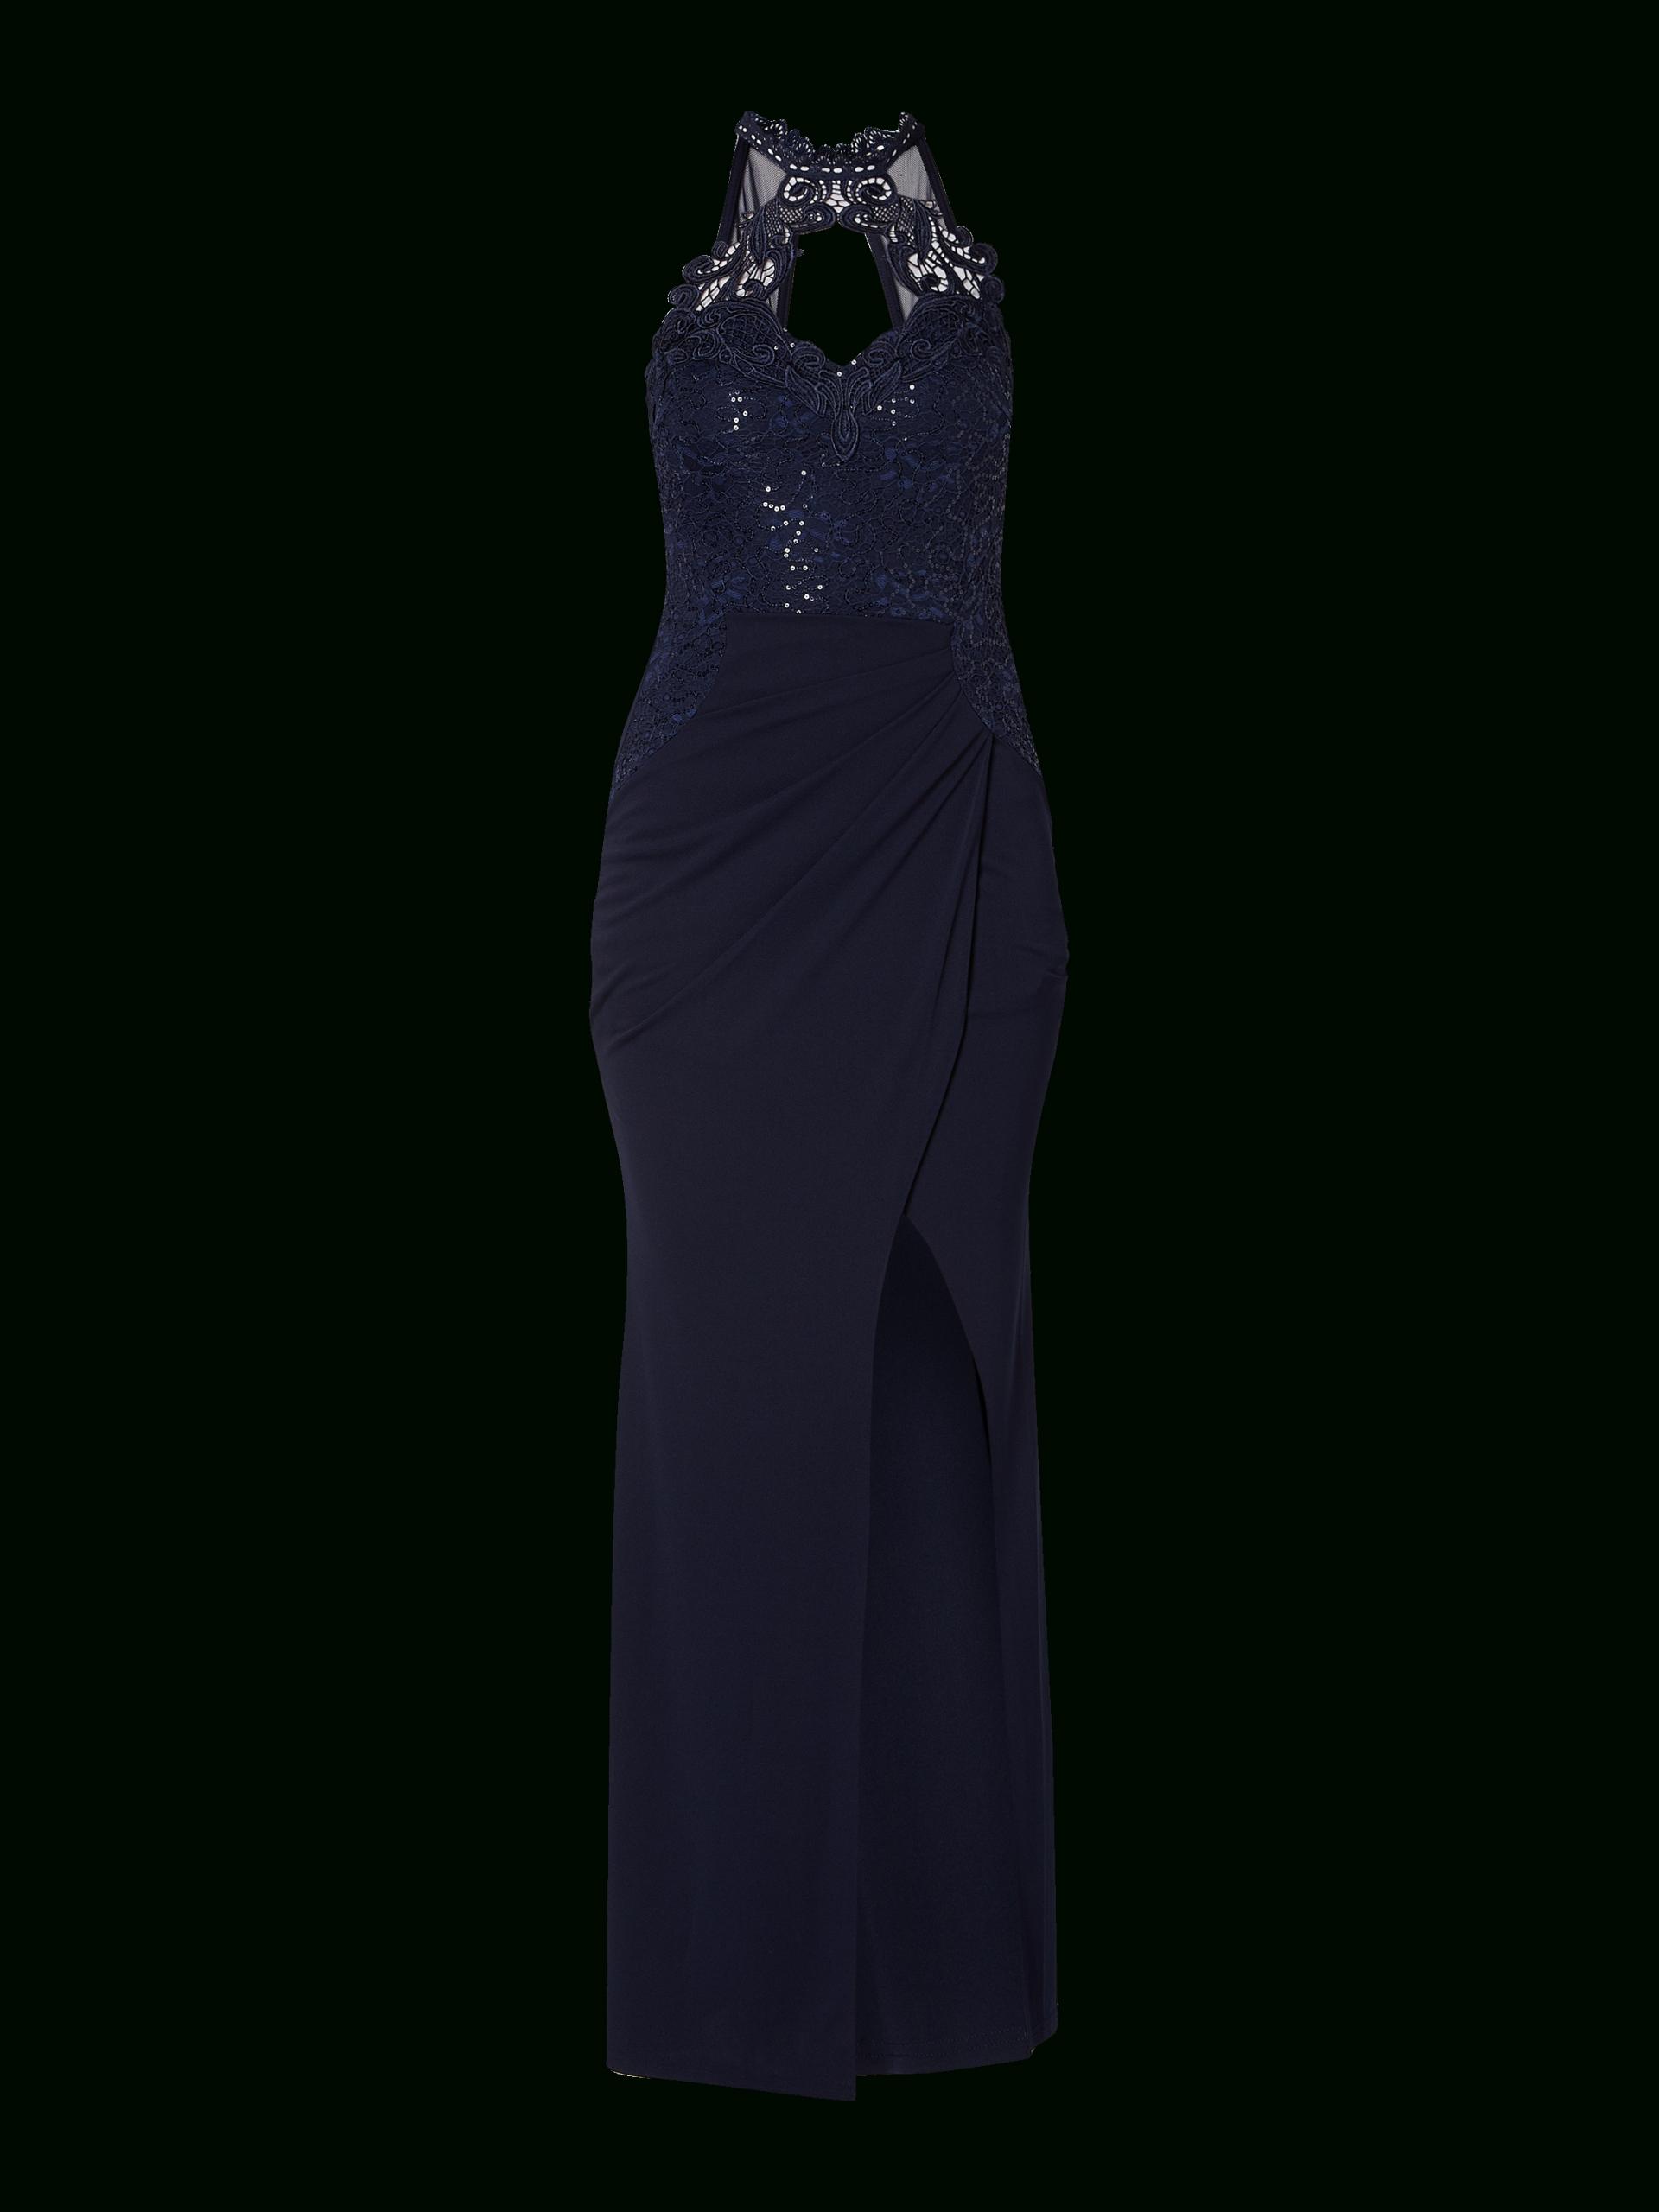 Designer Fantastisch Lipsy Abend Kleider Spezialgebiet20 Schön Lipsy Abend Kleider für 2019